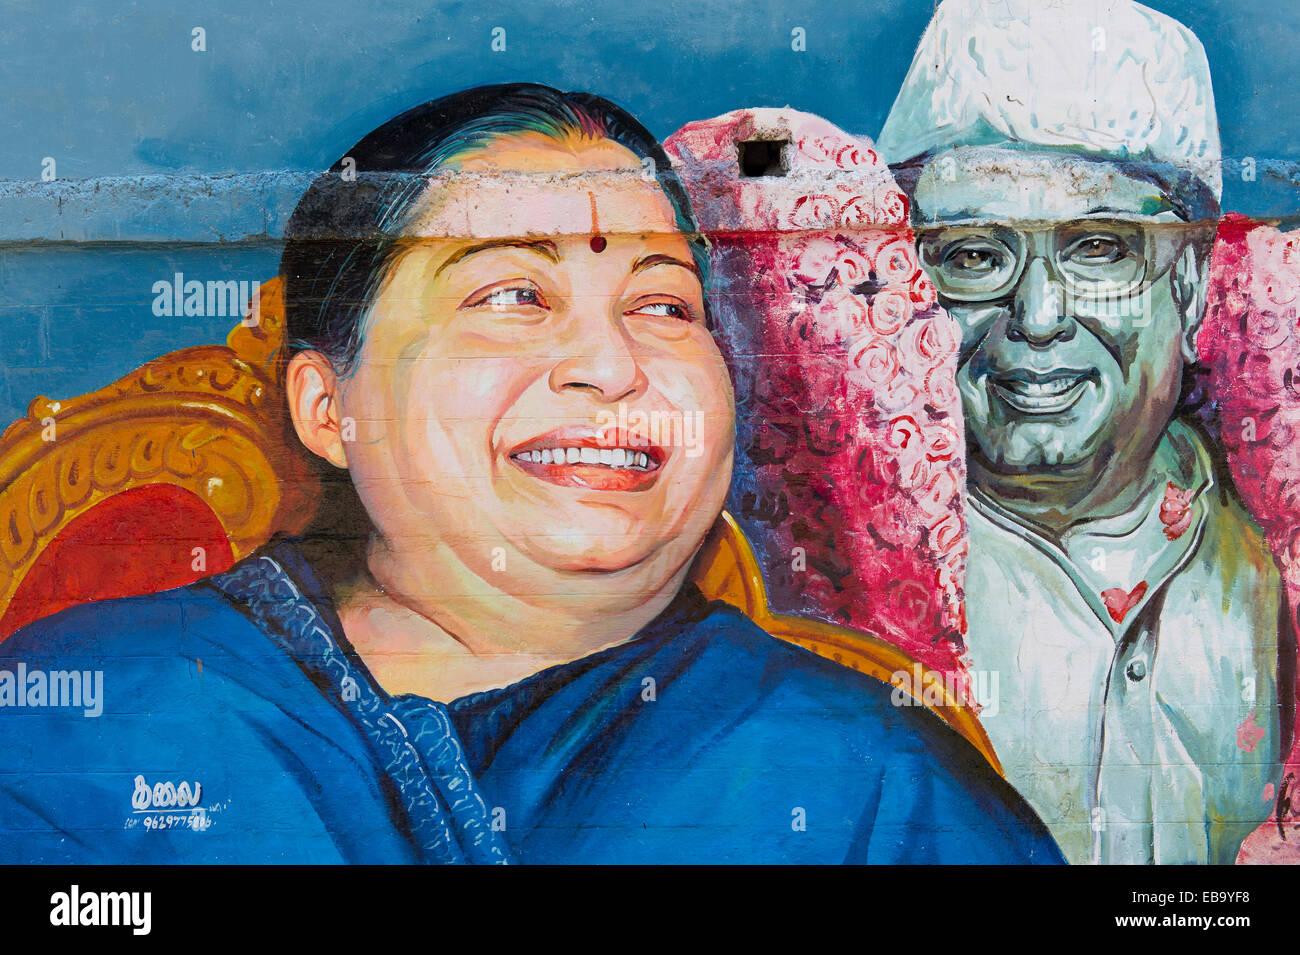 Pintura mural representando la actriz Tamil y político Jayalalithaa Jayaram, Madurai, Tamil Nadu, India Imagen De Stock